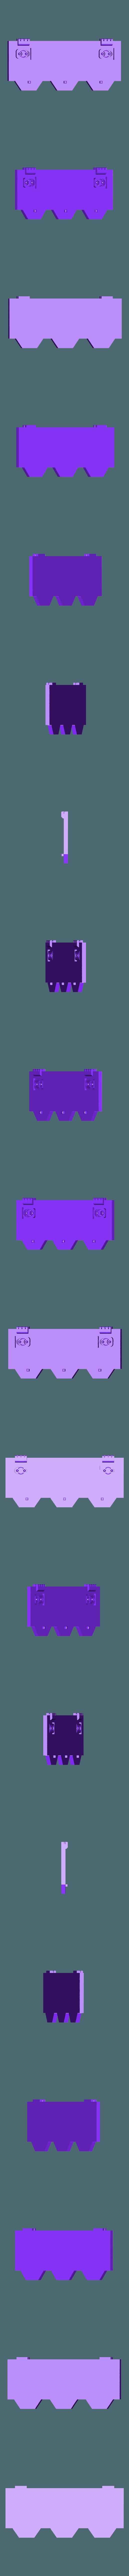 top_door_2.stl Télécharger fichier STL gratuit centre détaillé du rhinocéros • Objet à imprimer en 3D, Punisher_4u